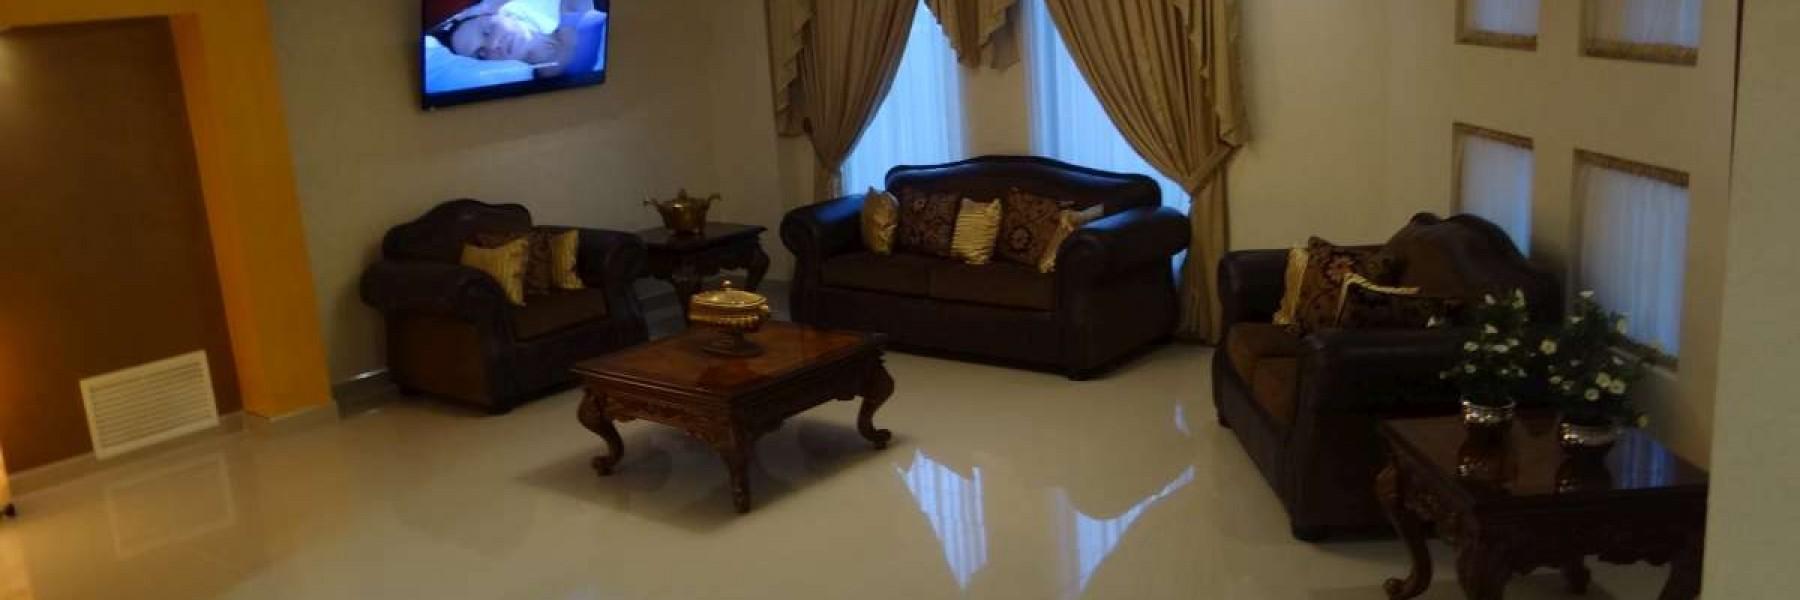 Imagen de hotel